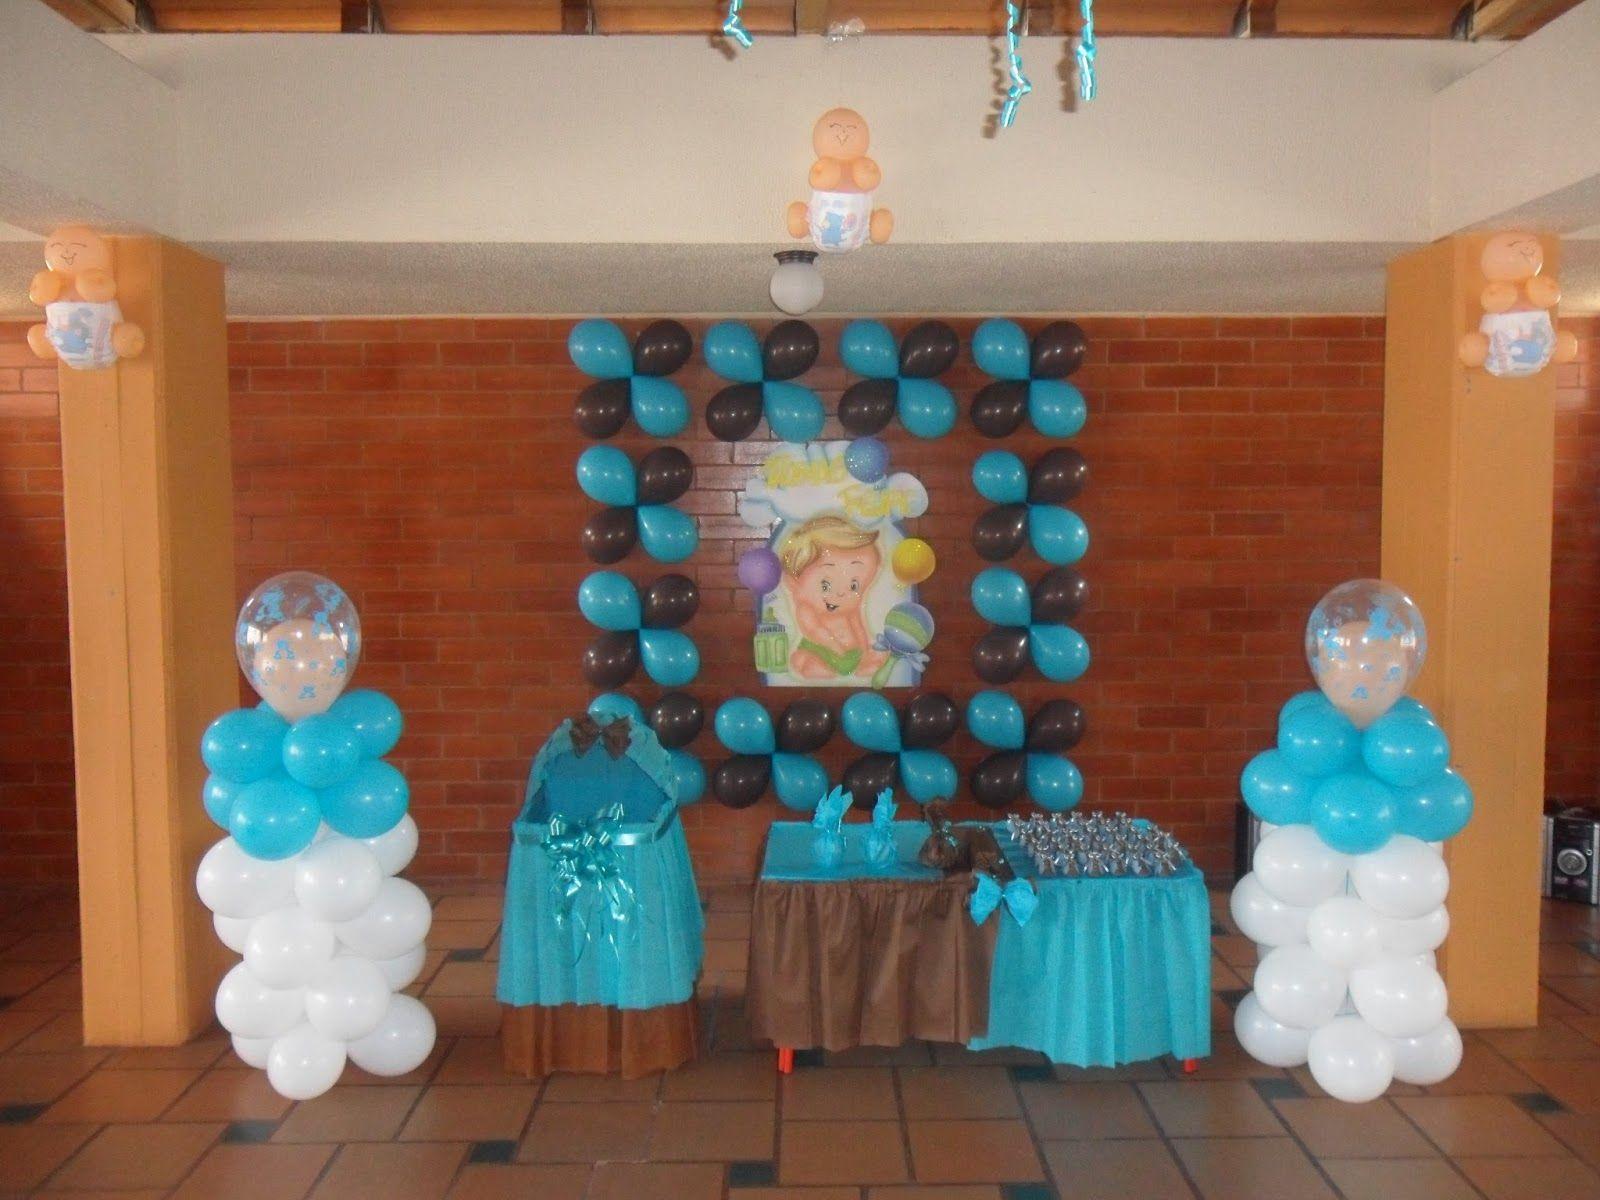 Decoraciones con globos para baby shower y fiestas - Decoracion de globos ...